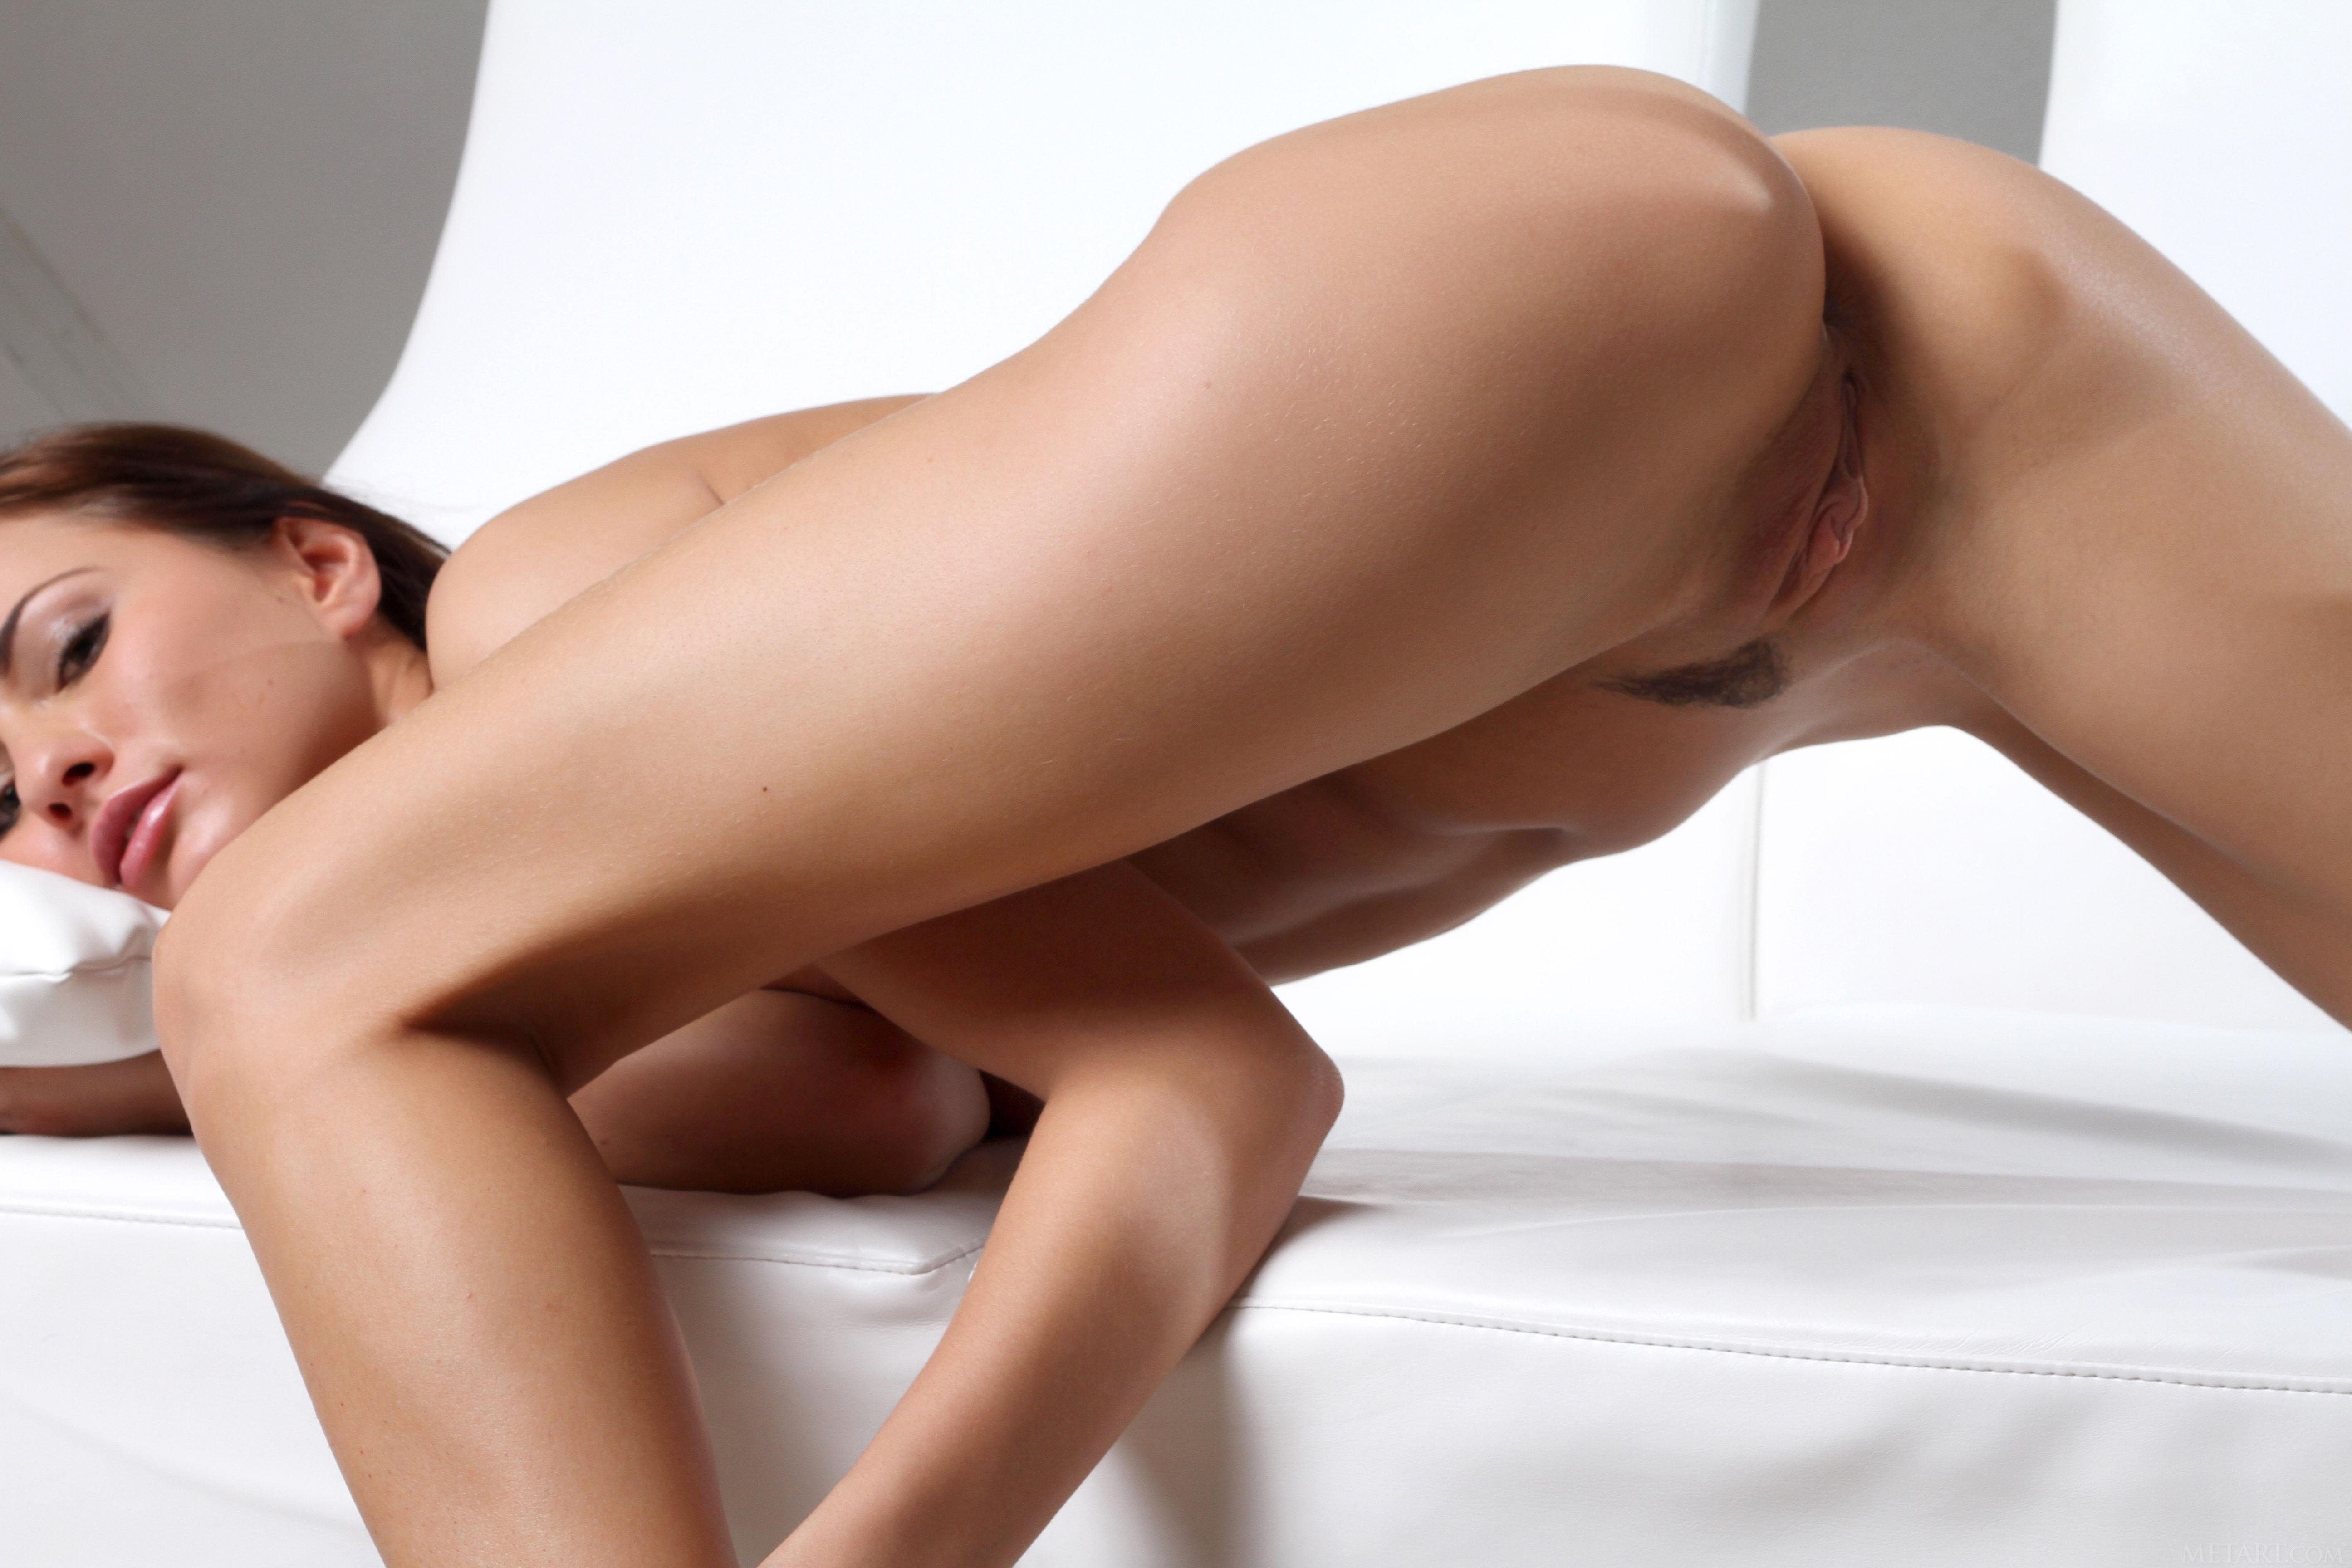 Art michaela nude met